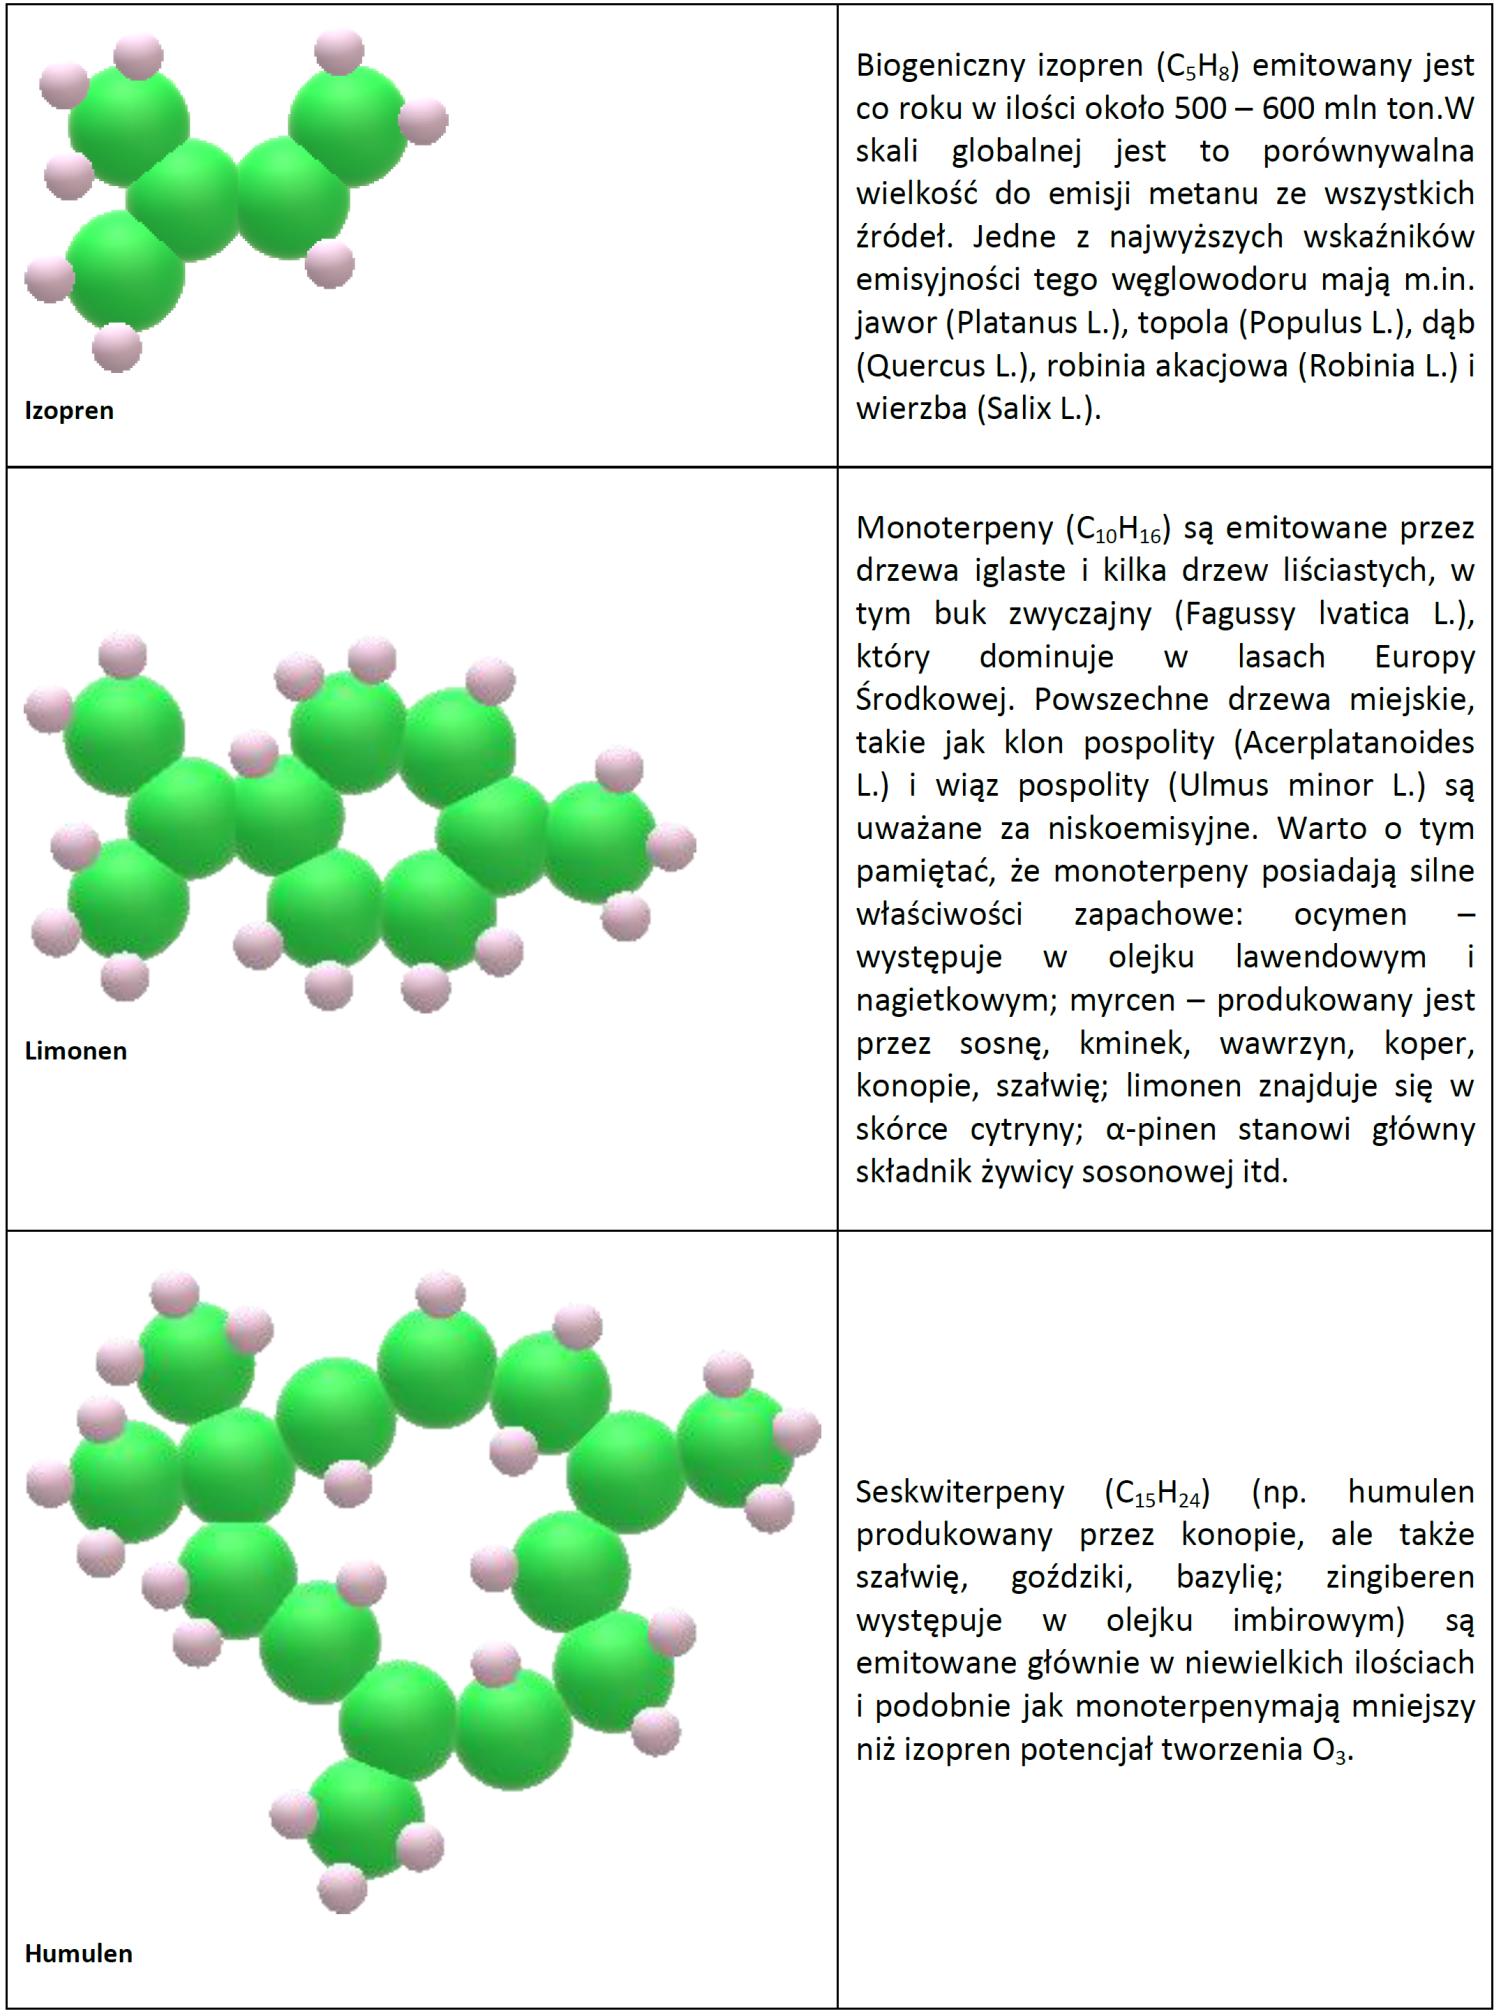 Schemat i opis wybranych biogennych LZO: izoprenów, monoterpenów i sekwiterpenów